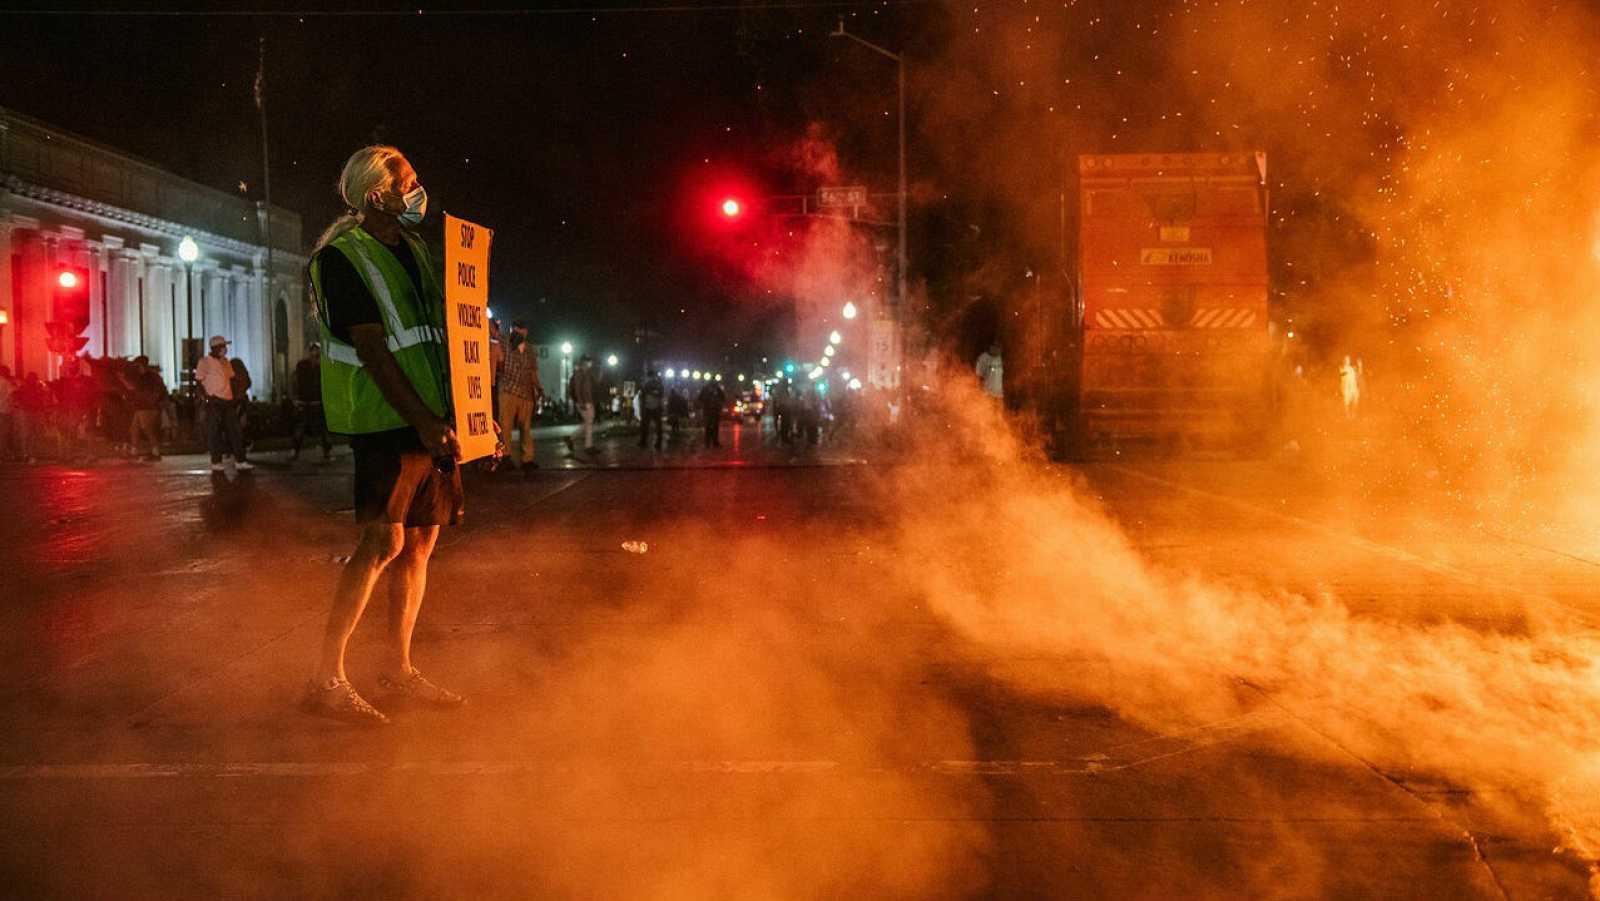 Un hombre está parado con un cartel en Kenosha, Wisconsin en la segunda noche de disturbios después del tiroteo de Jacob Blake.